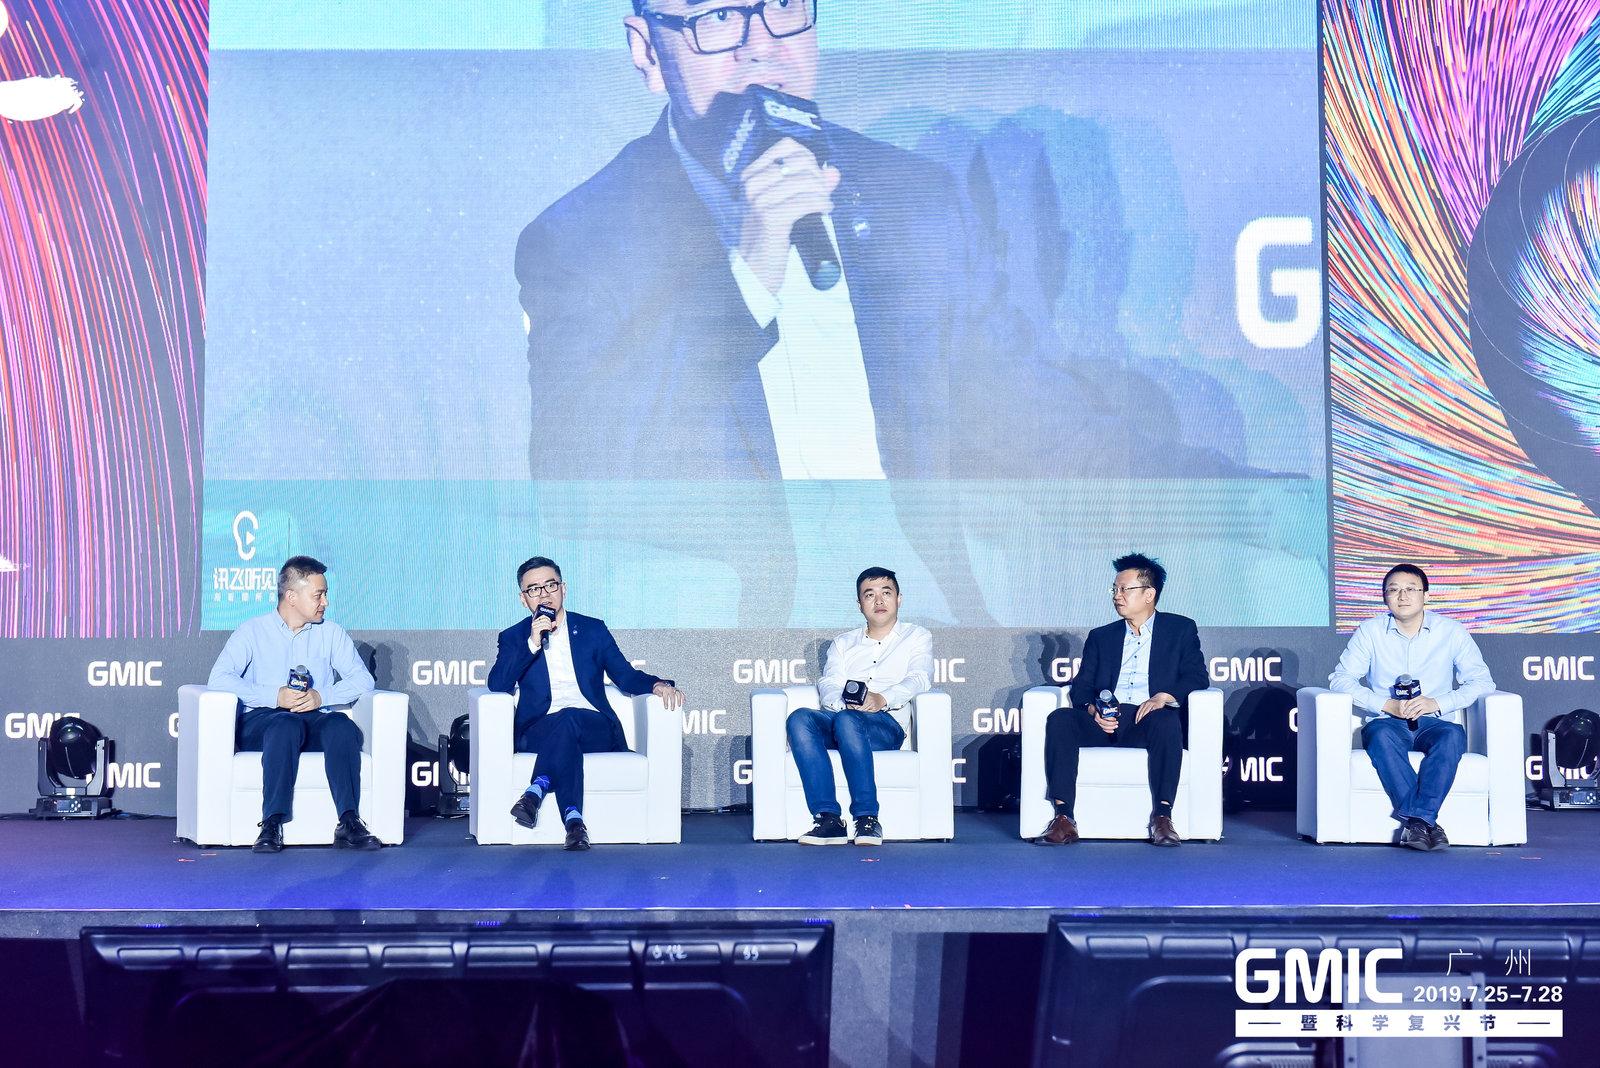 现场直击 | 圆桌论坛:5G新时代,AIoT的现状与挑战